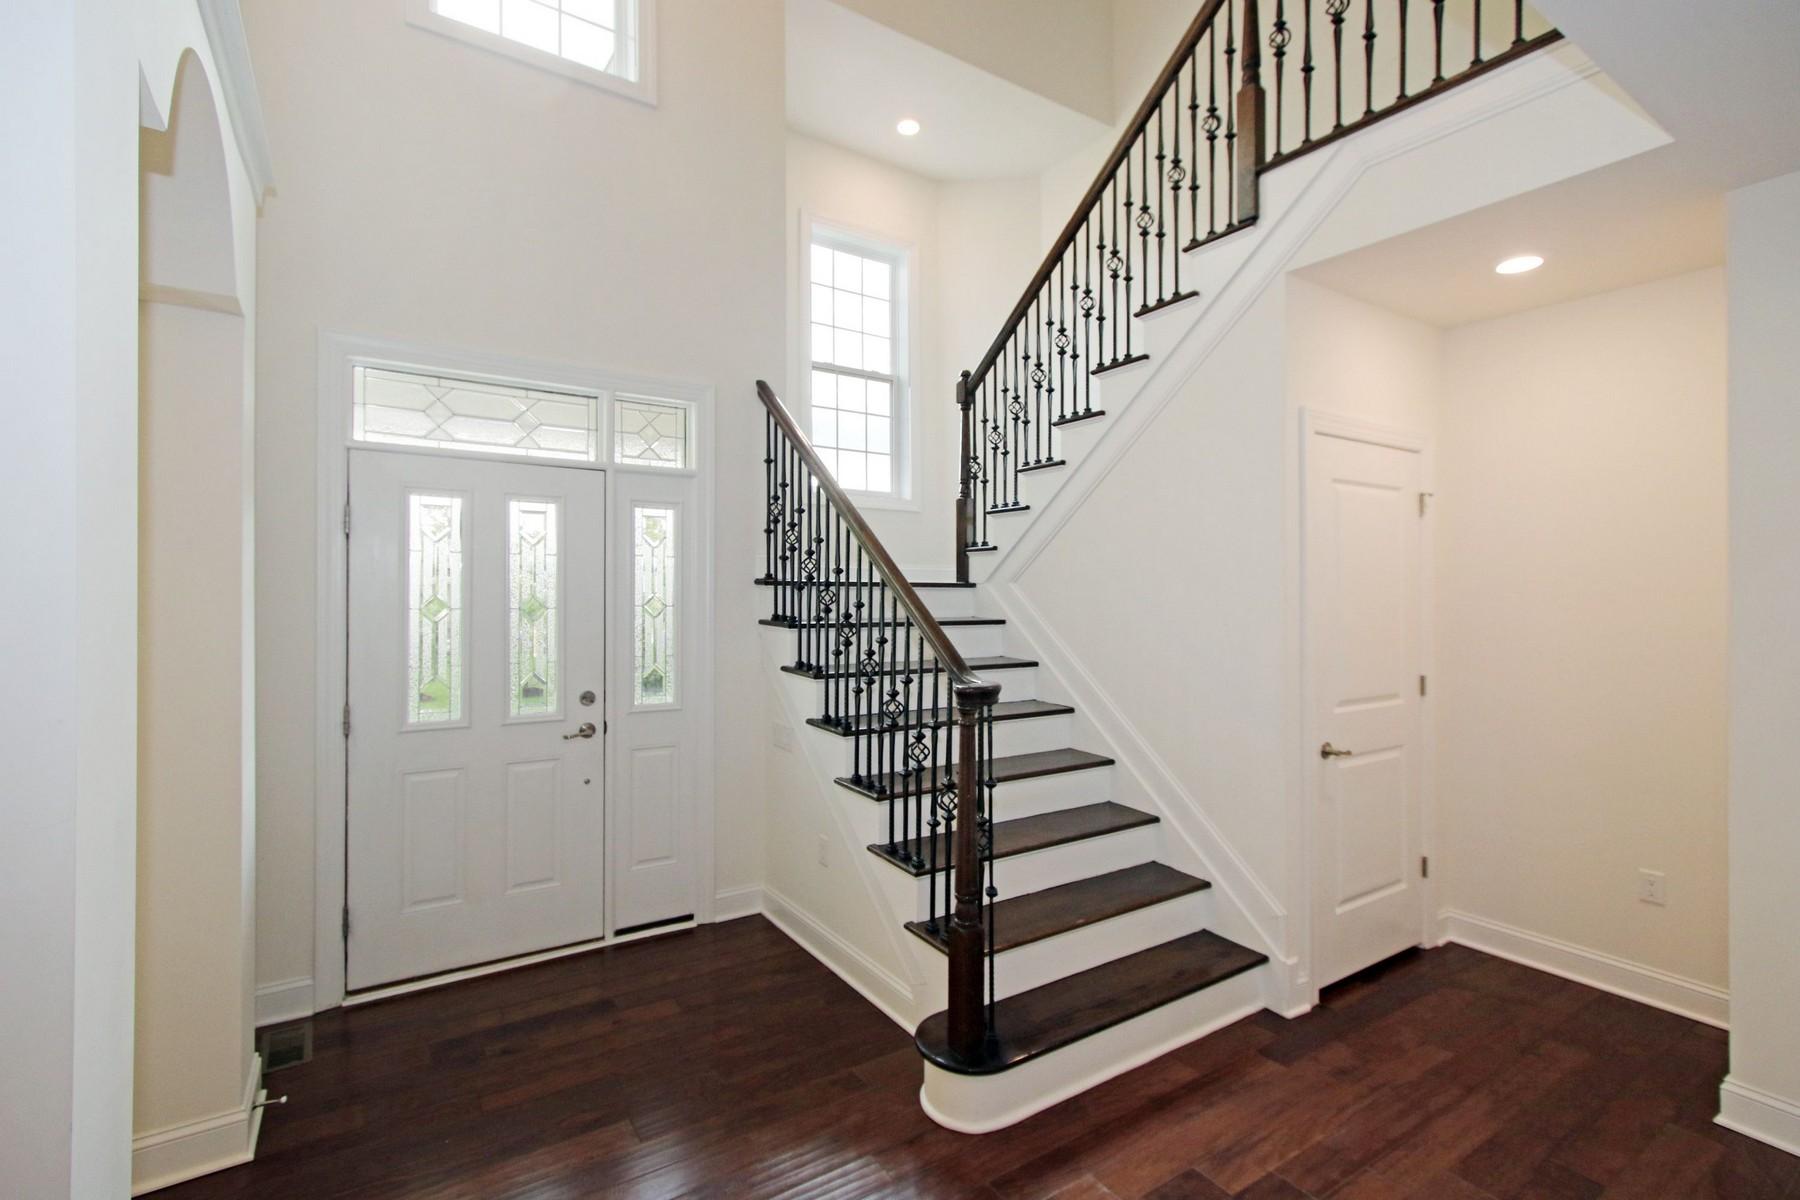 联栋屋 为 销售 在 7 Edward Farm Lane, Tinton Falls 7 Edwards Farm Lane 伊顿敦, 新泽西州 07724 美国